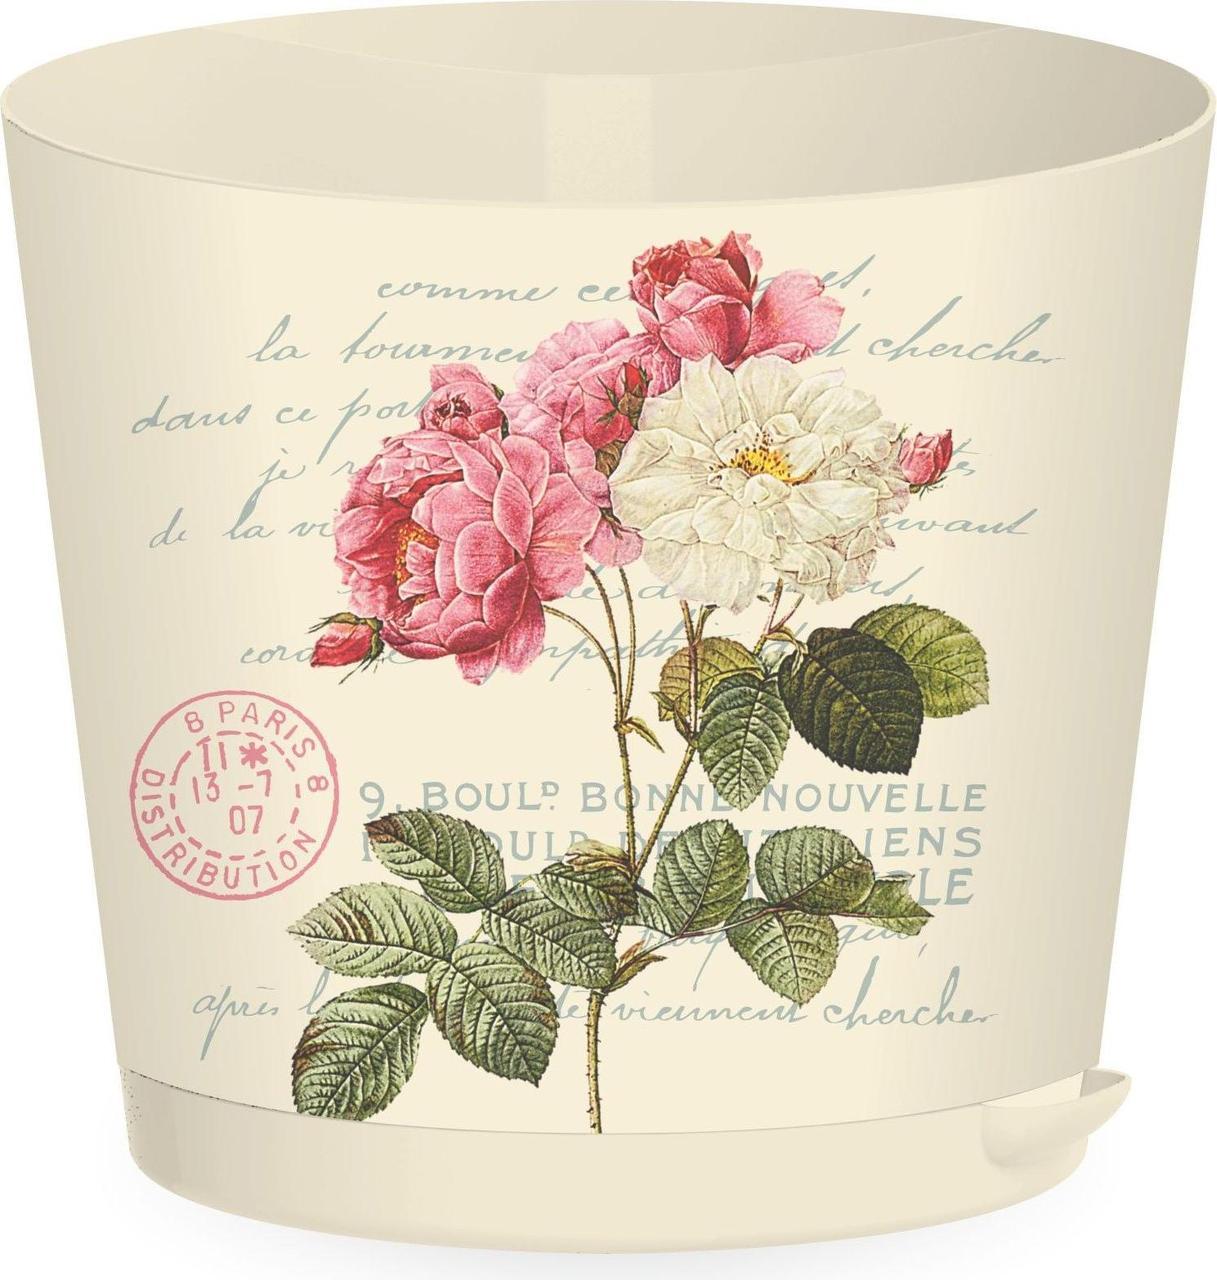 Горшок для цветов Easy Grow D 200 с прикорневым поливом 4 л Сливочный прованс